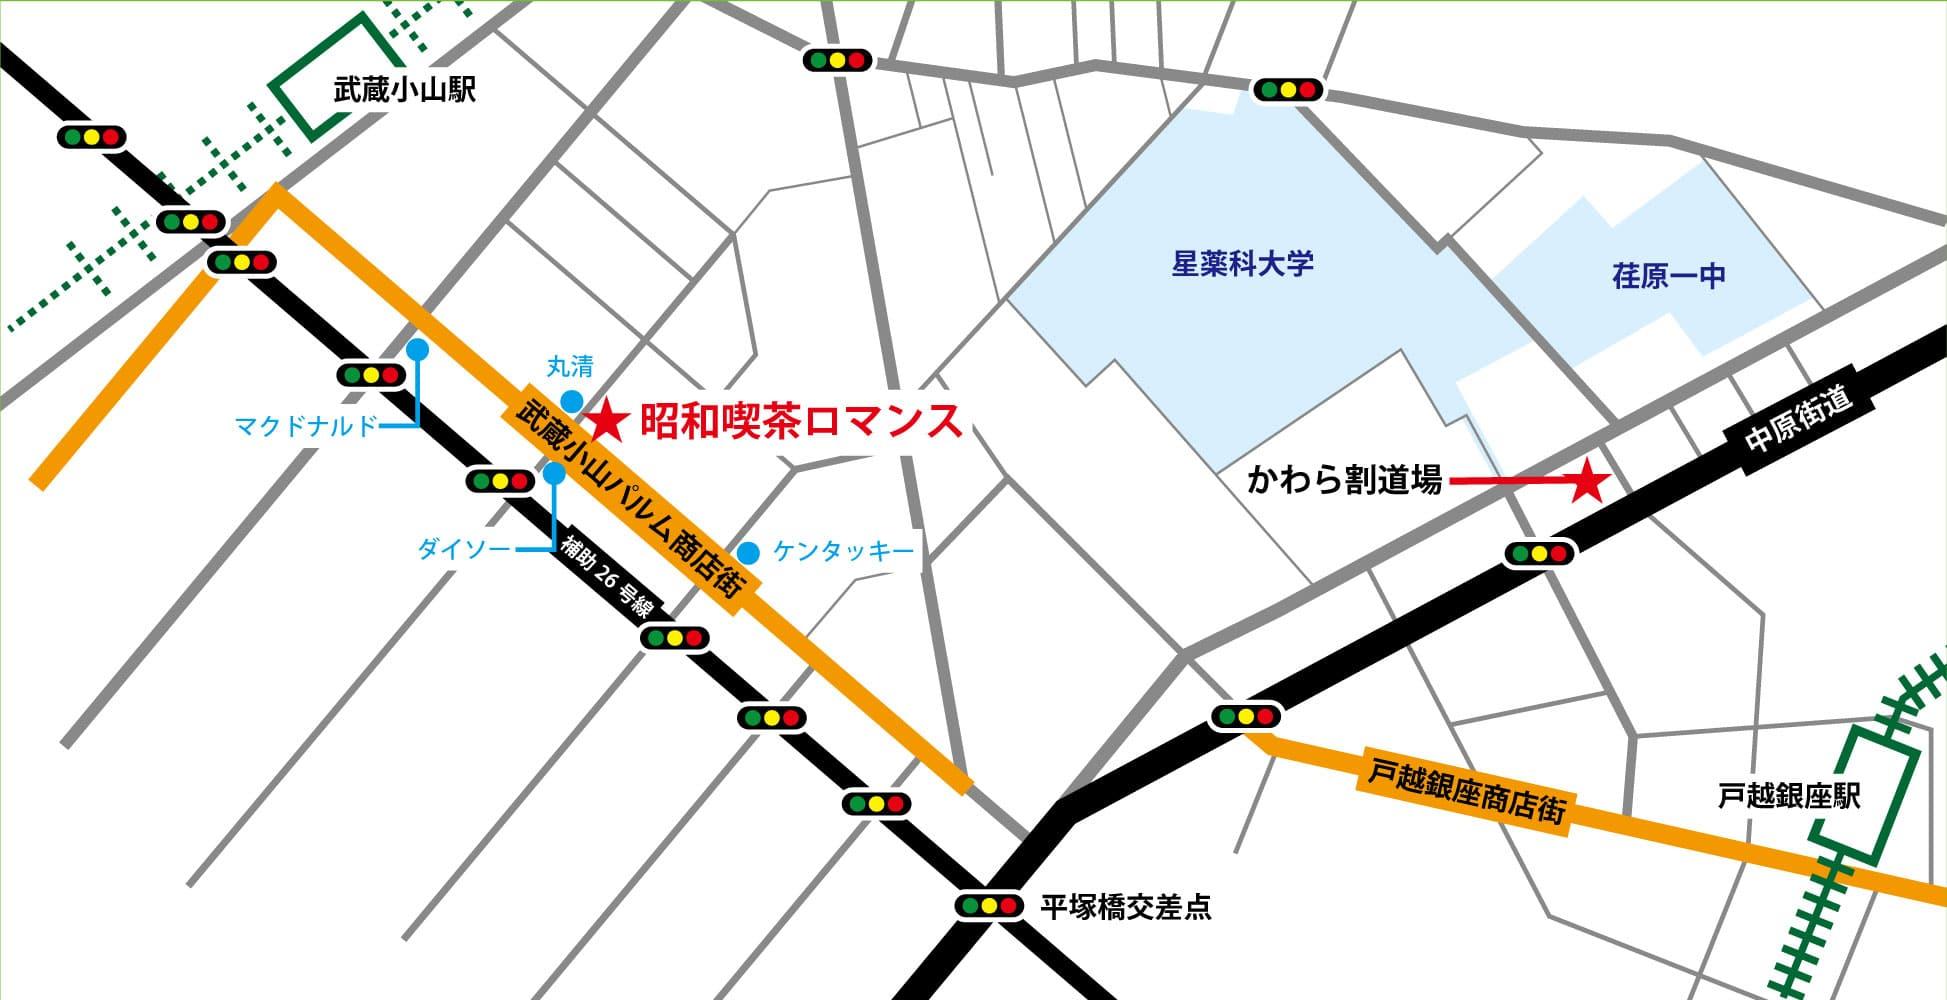 昭和喫茶ロマンス-地図